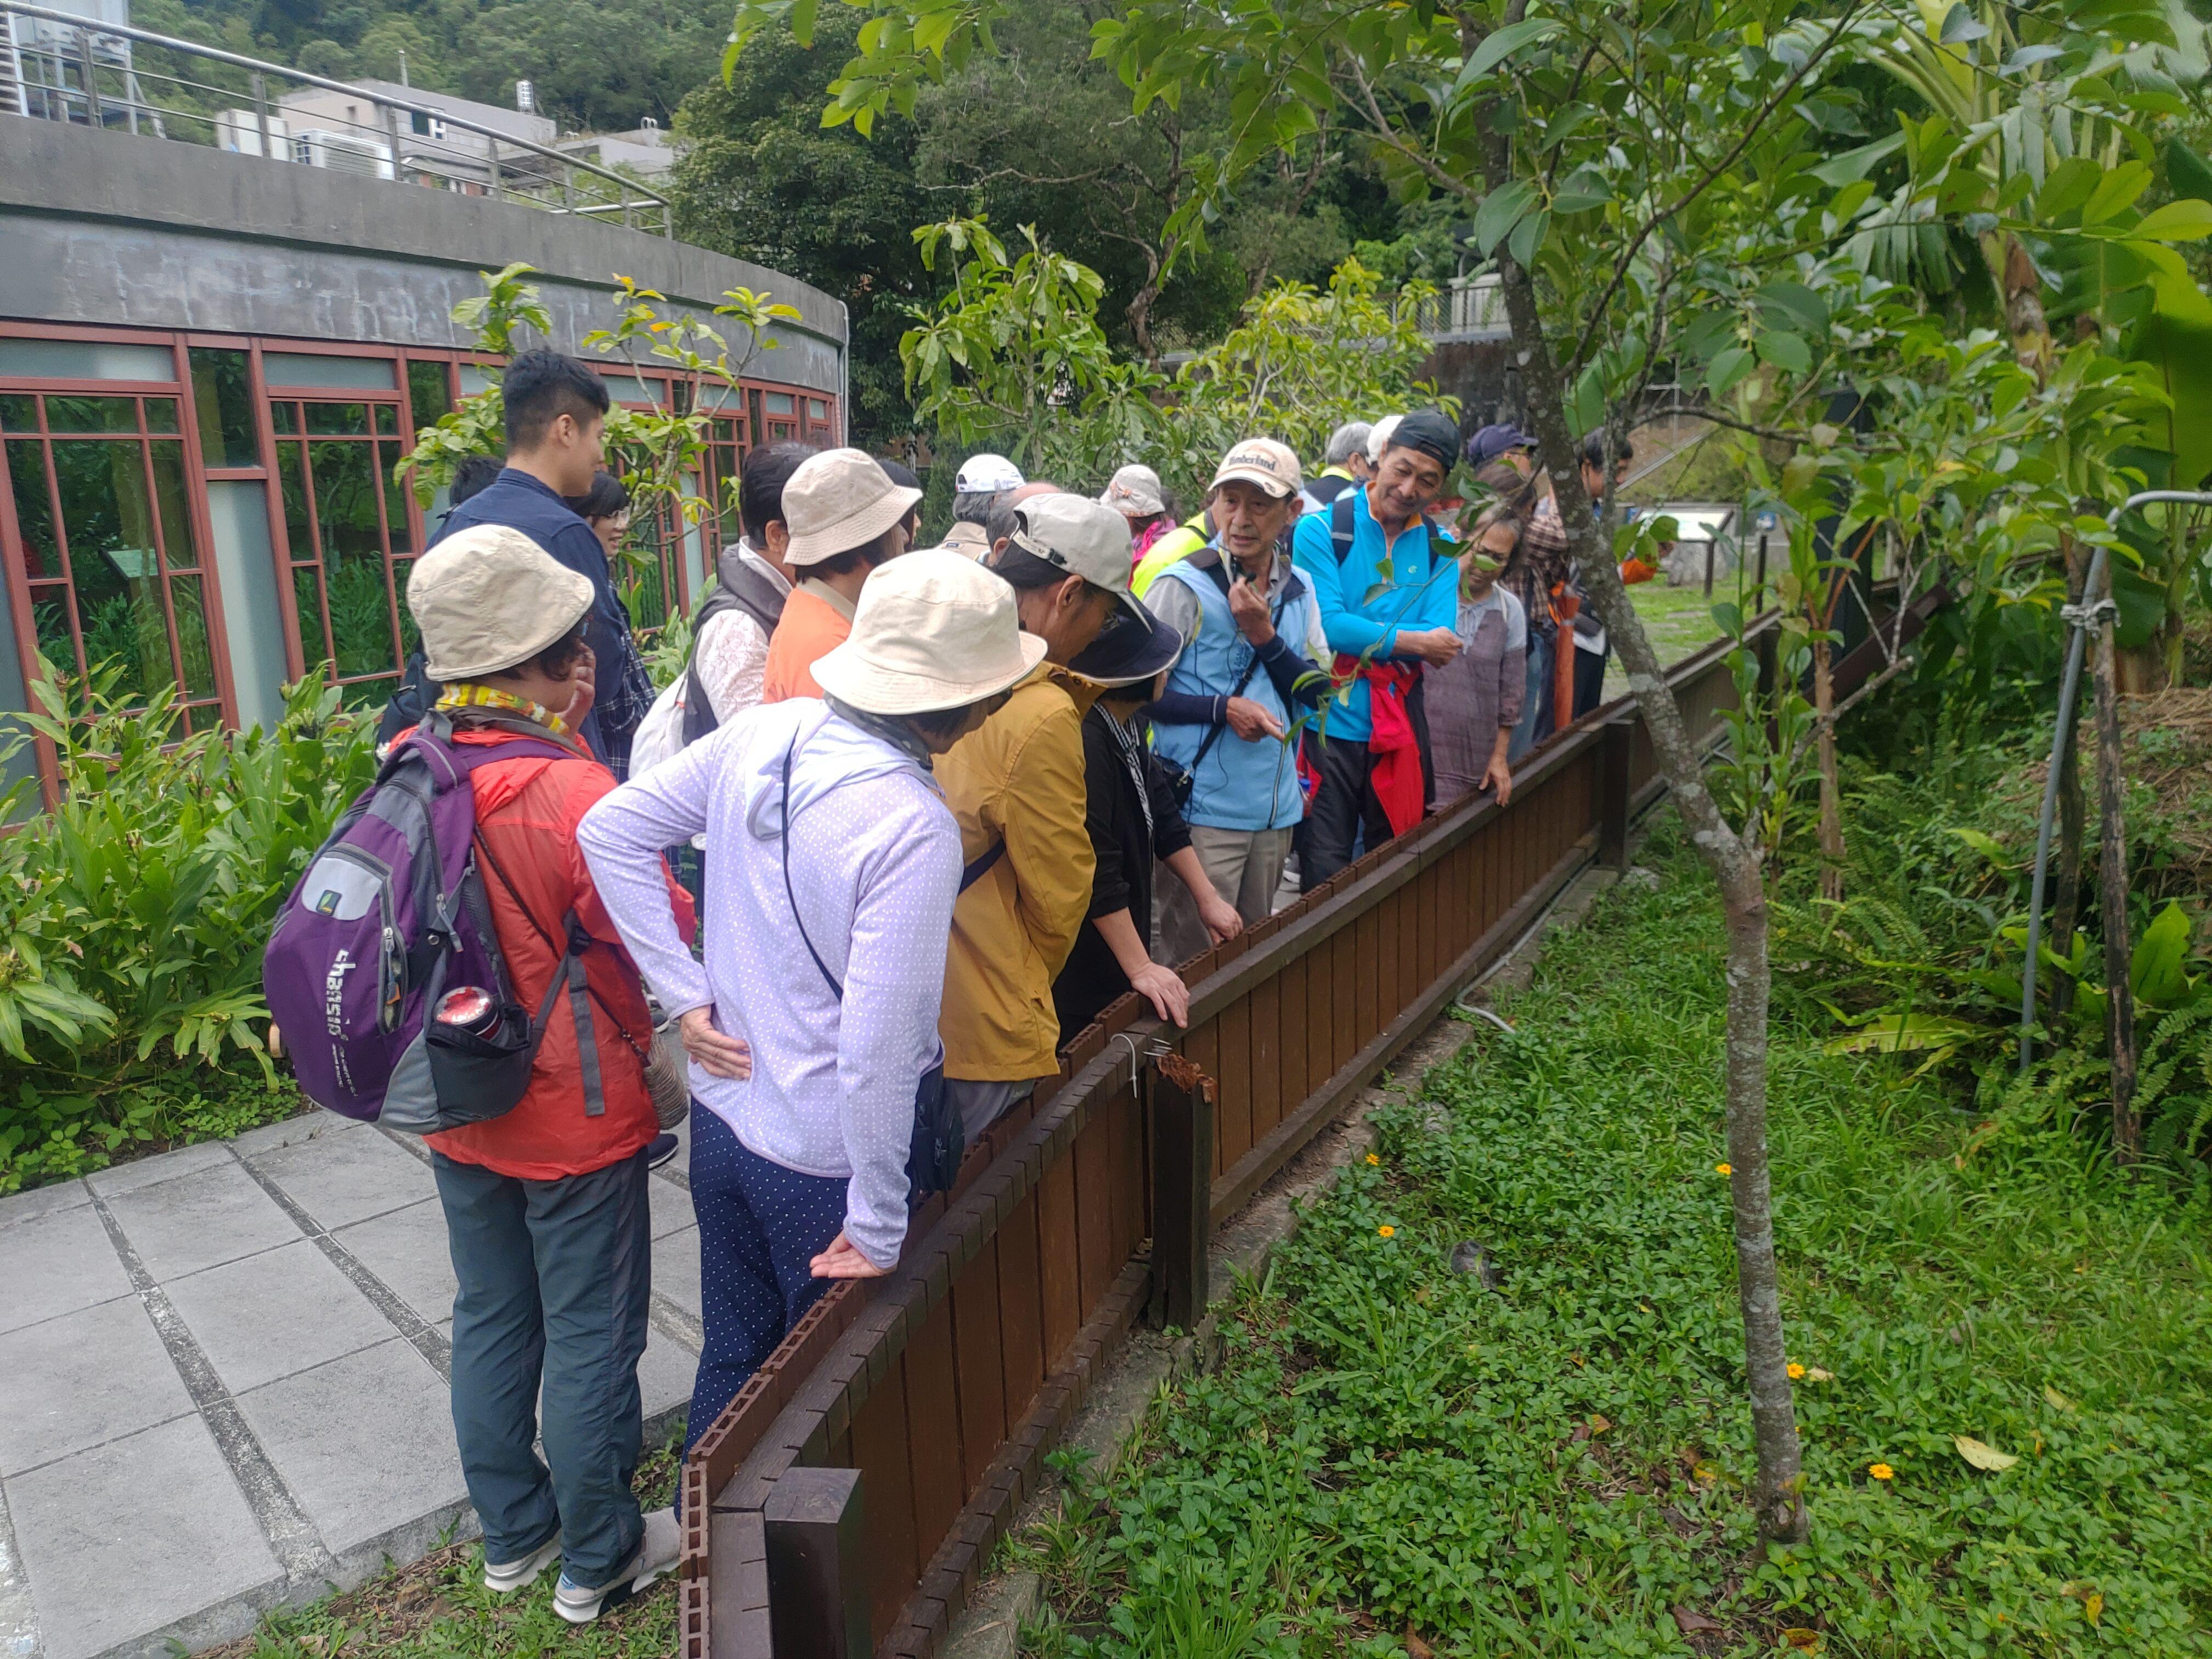 圖片說明:志工老師於龜園為民眾介紹食蛇龜